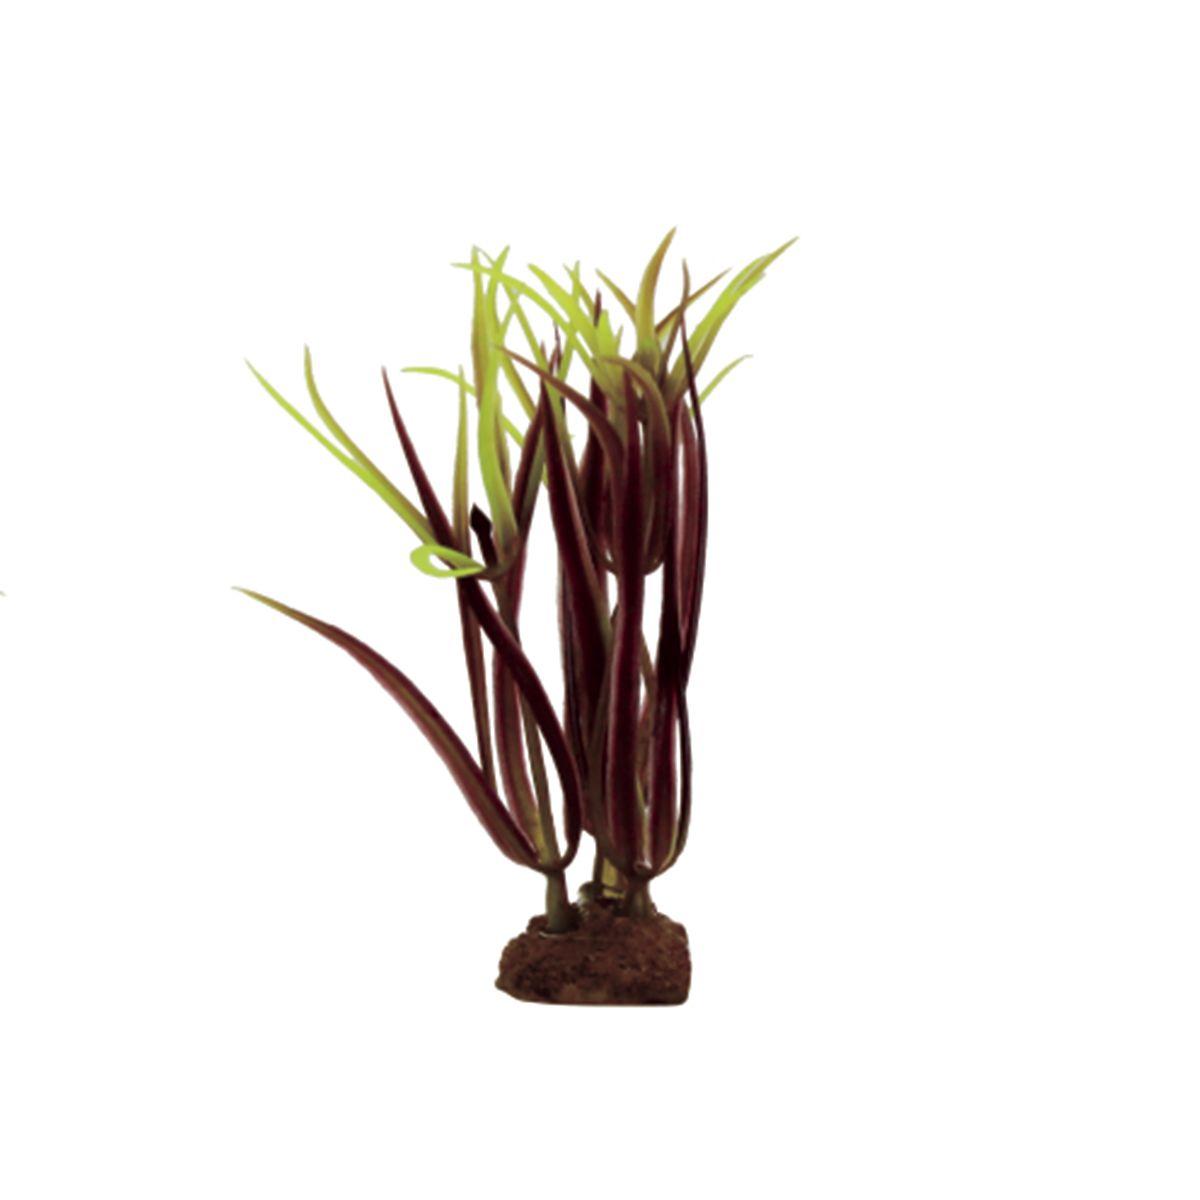 Растение для аквариума ArtUniq Лагаросифон мадагаскарский красный, высота 10 см, 6 шт0120710Композиция из искусственных растений ArtUniq превосходно украсит и оживит аквариум.Растения - это важная часть любой композиции, они помогут вдохнуть жизнь в ландшафт любого аквариума или террариума. Лучше всего это сделают яркие и сочные цвета искусственных растений серии ArtPlants. А их сходствос природными порадует даже самых взыскательных ценителей.